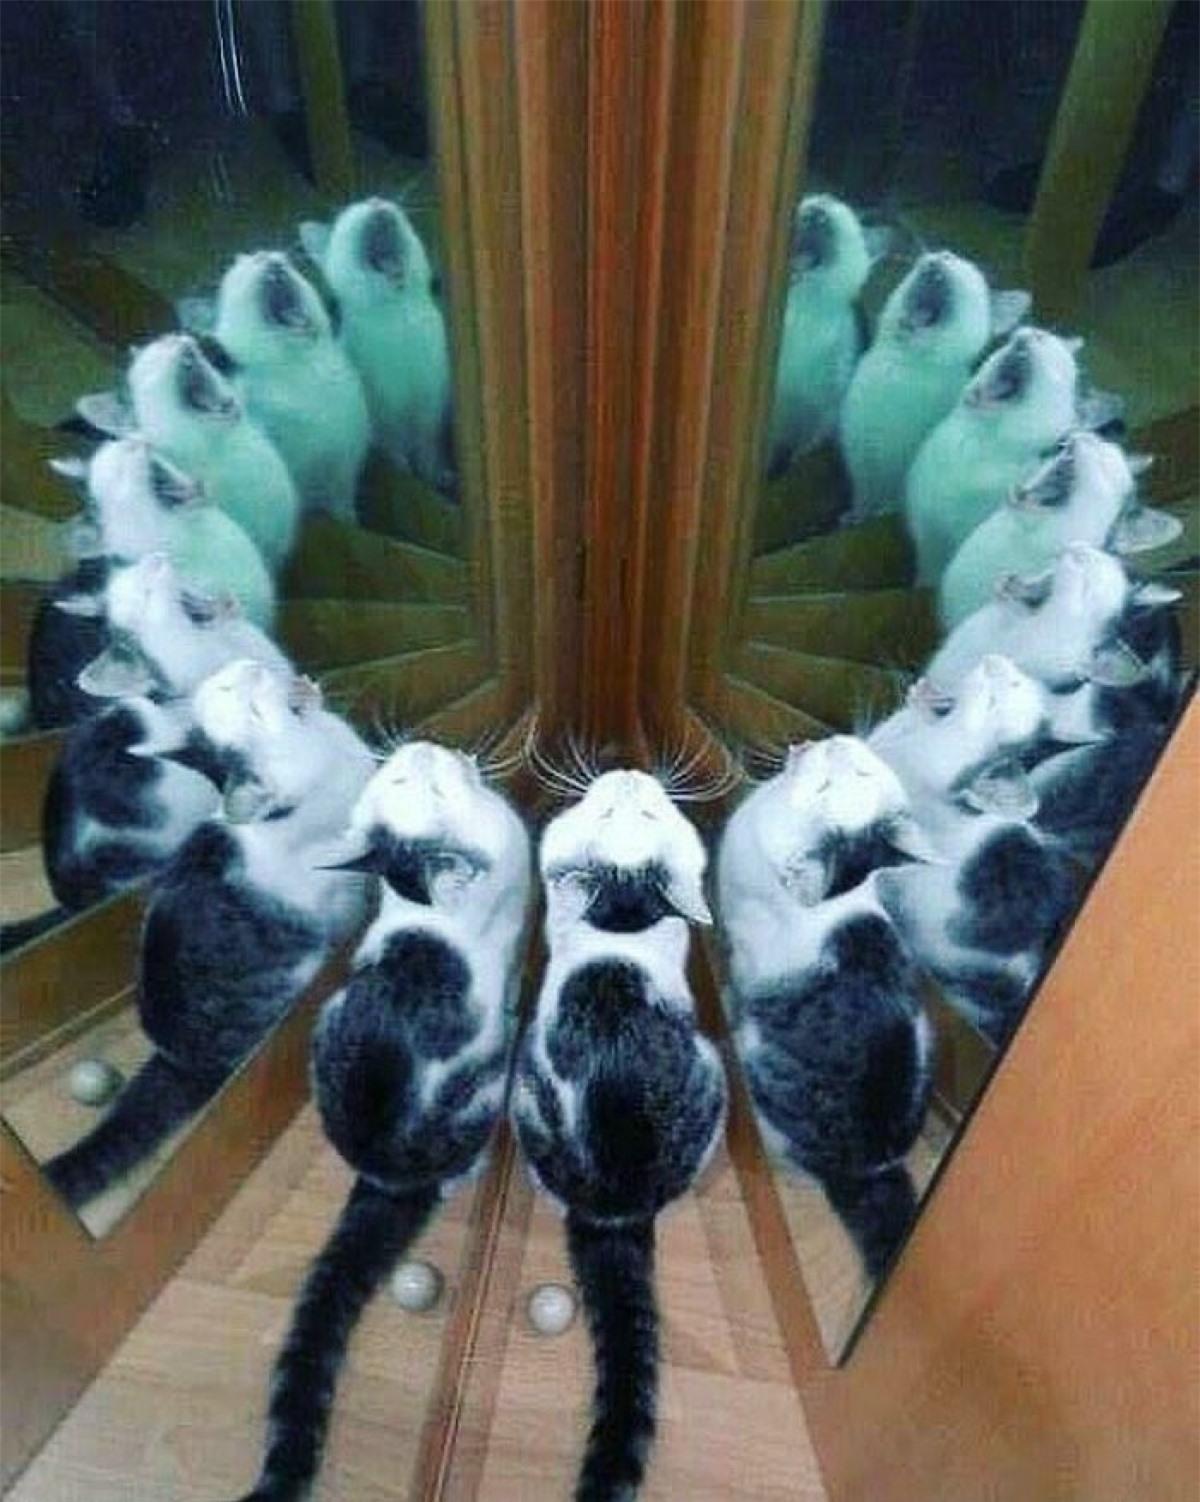 Hình ảnh hack não khiến người xem khó phân biệt đâu là mèo thật và đâu là hình phản chiếu trong gương.